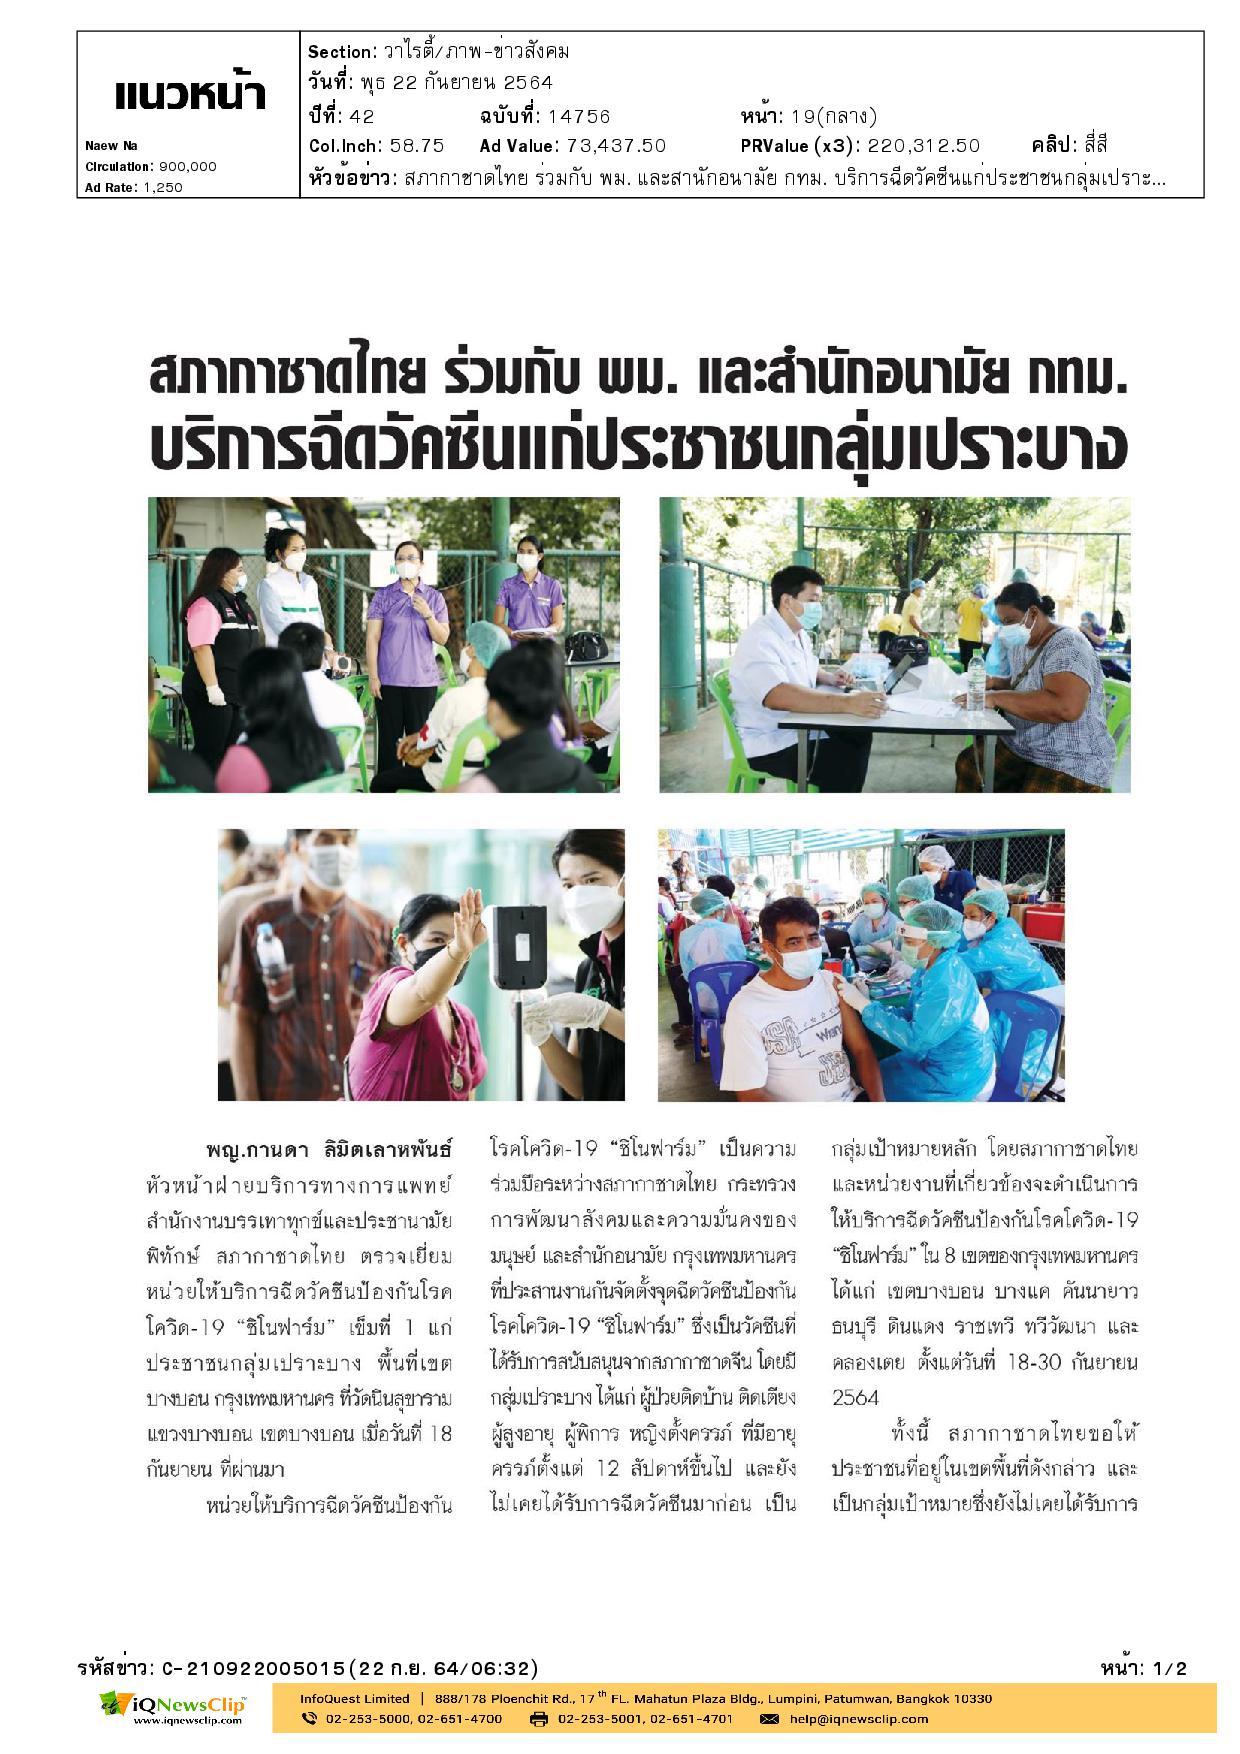 สภากาชาดไทย ร่วมกับ พม. และสำนักอนามัย กทม.บริการฉีดวัคซีนแก่ประชาชนกลุ่มเปราะบาง